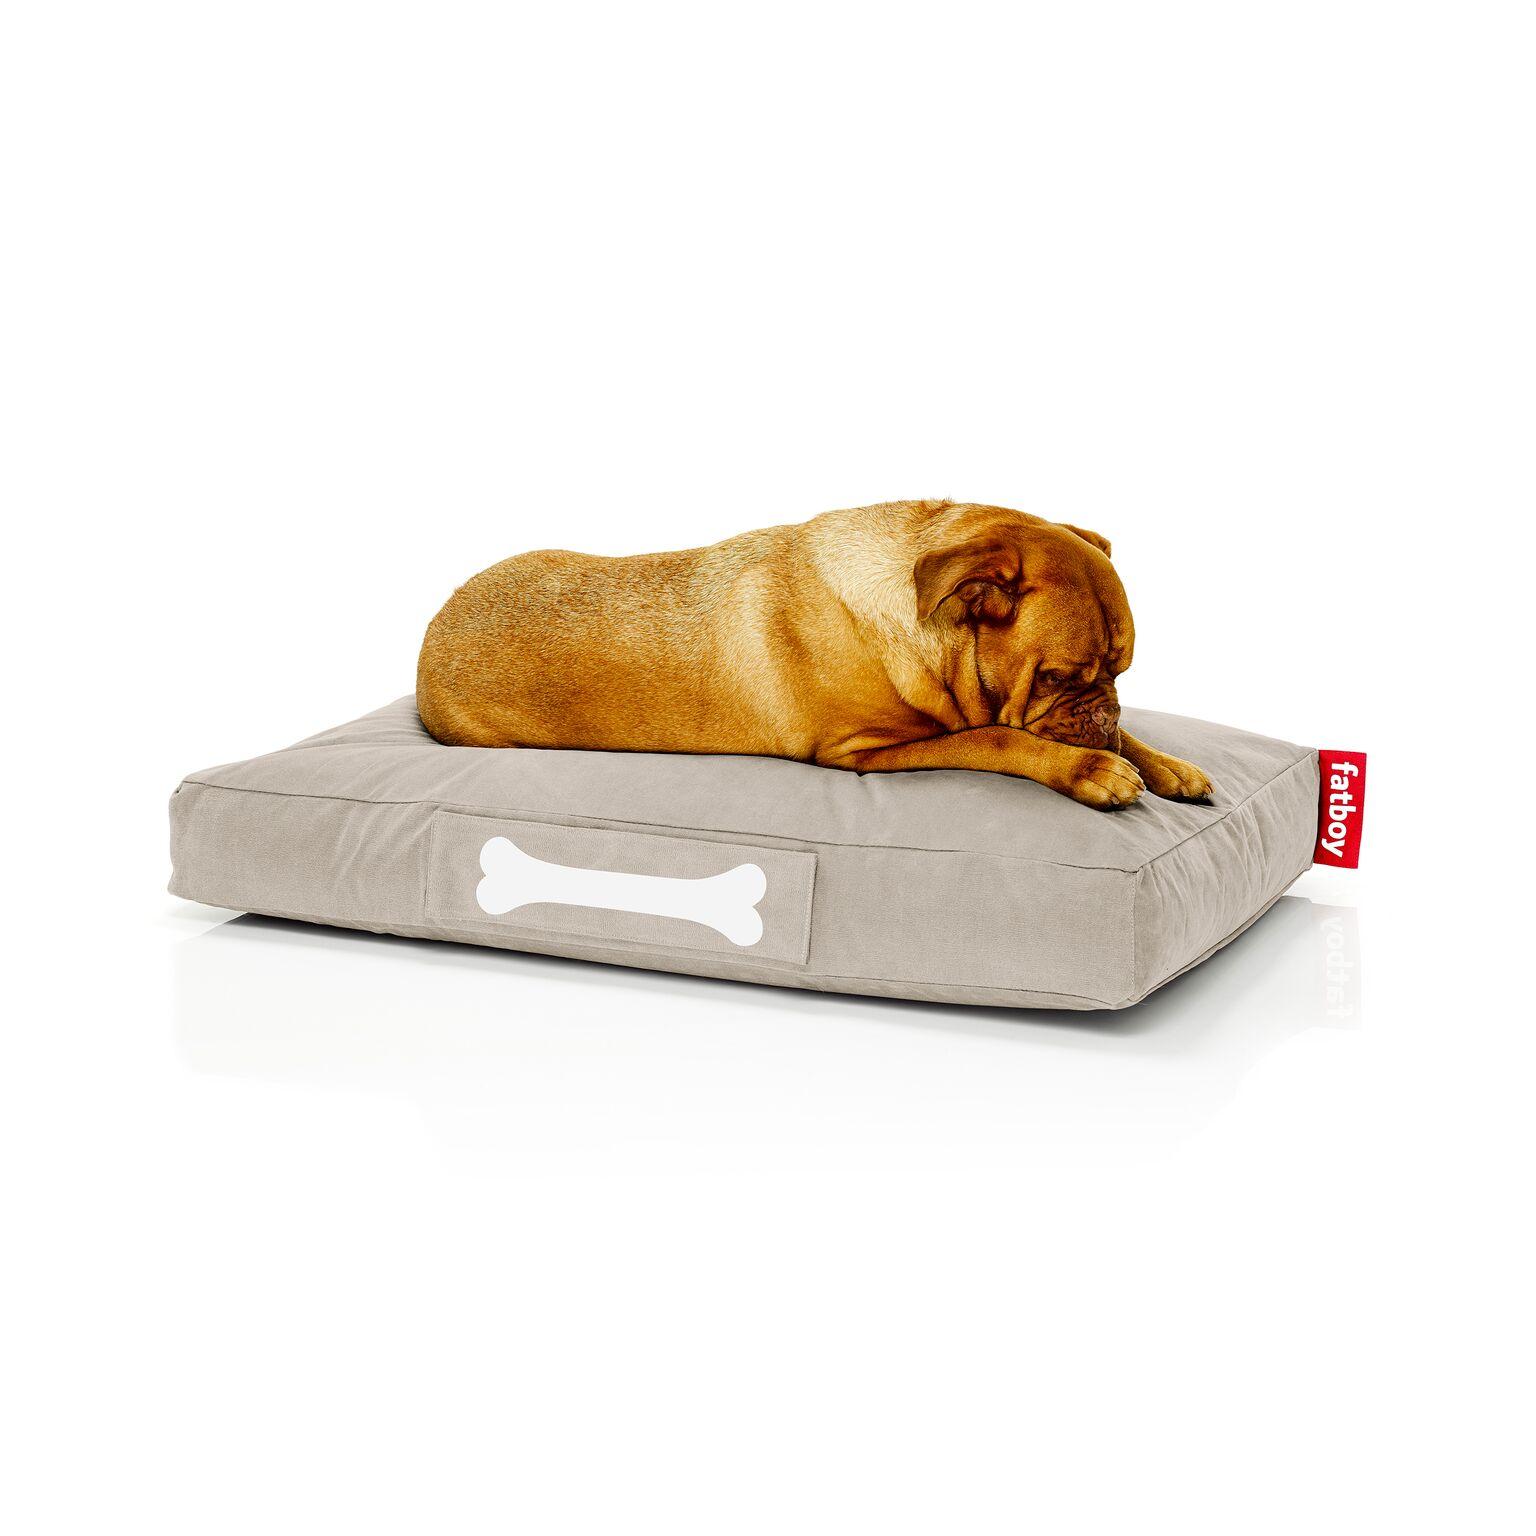 Doggielounge Stonewashed Lifestyle Large - sand.jpg